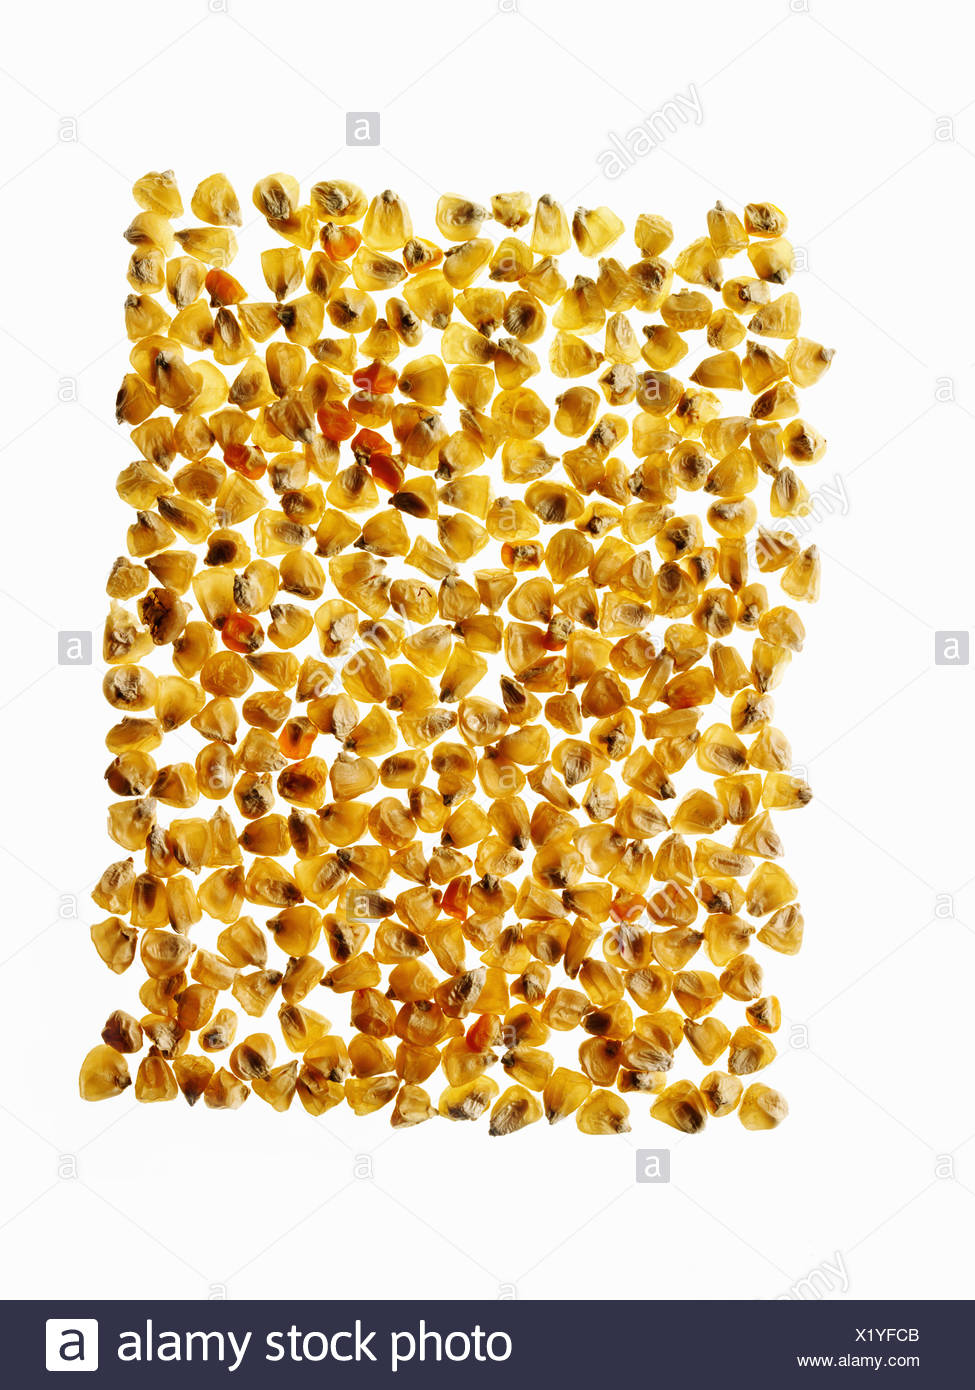 Groupe de grains de maïs maïs organisé dans le profil Photo Stock